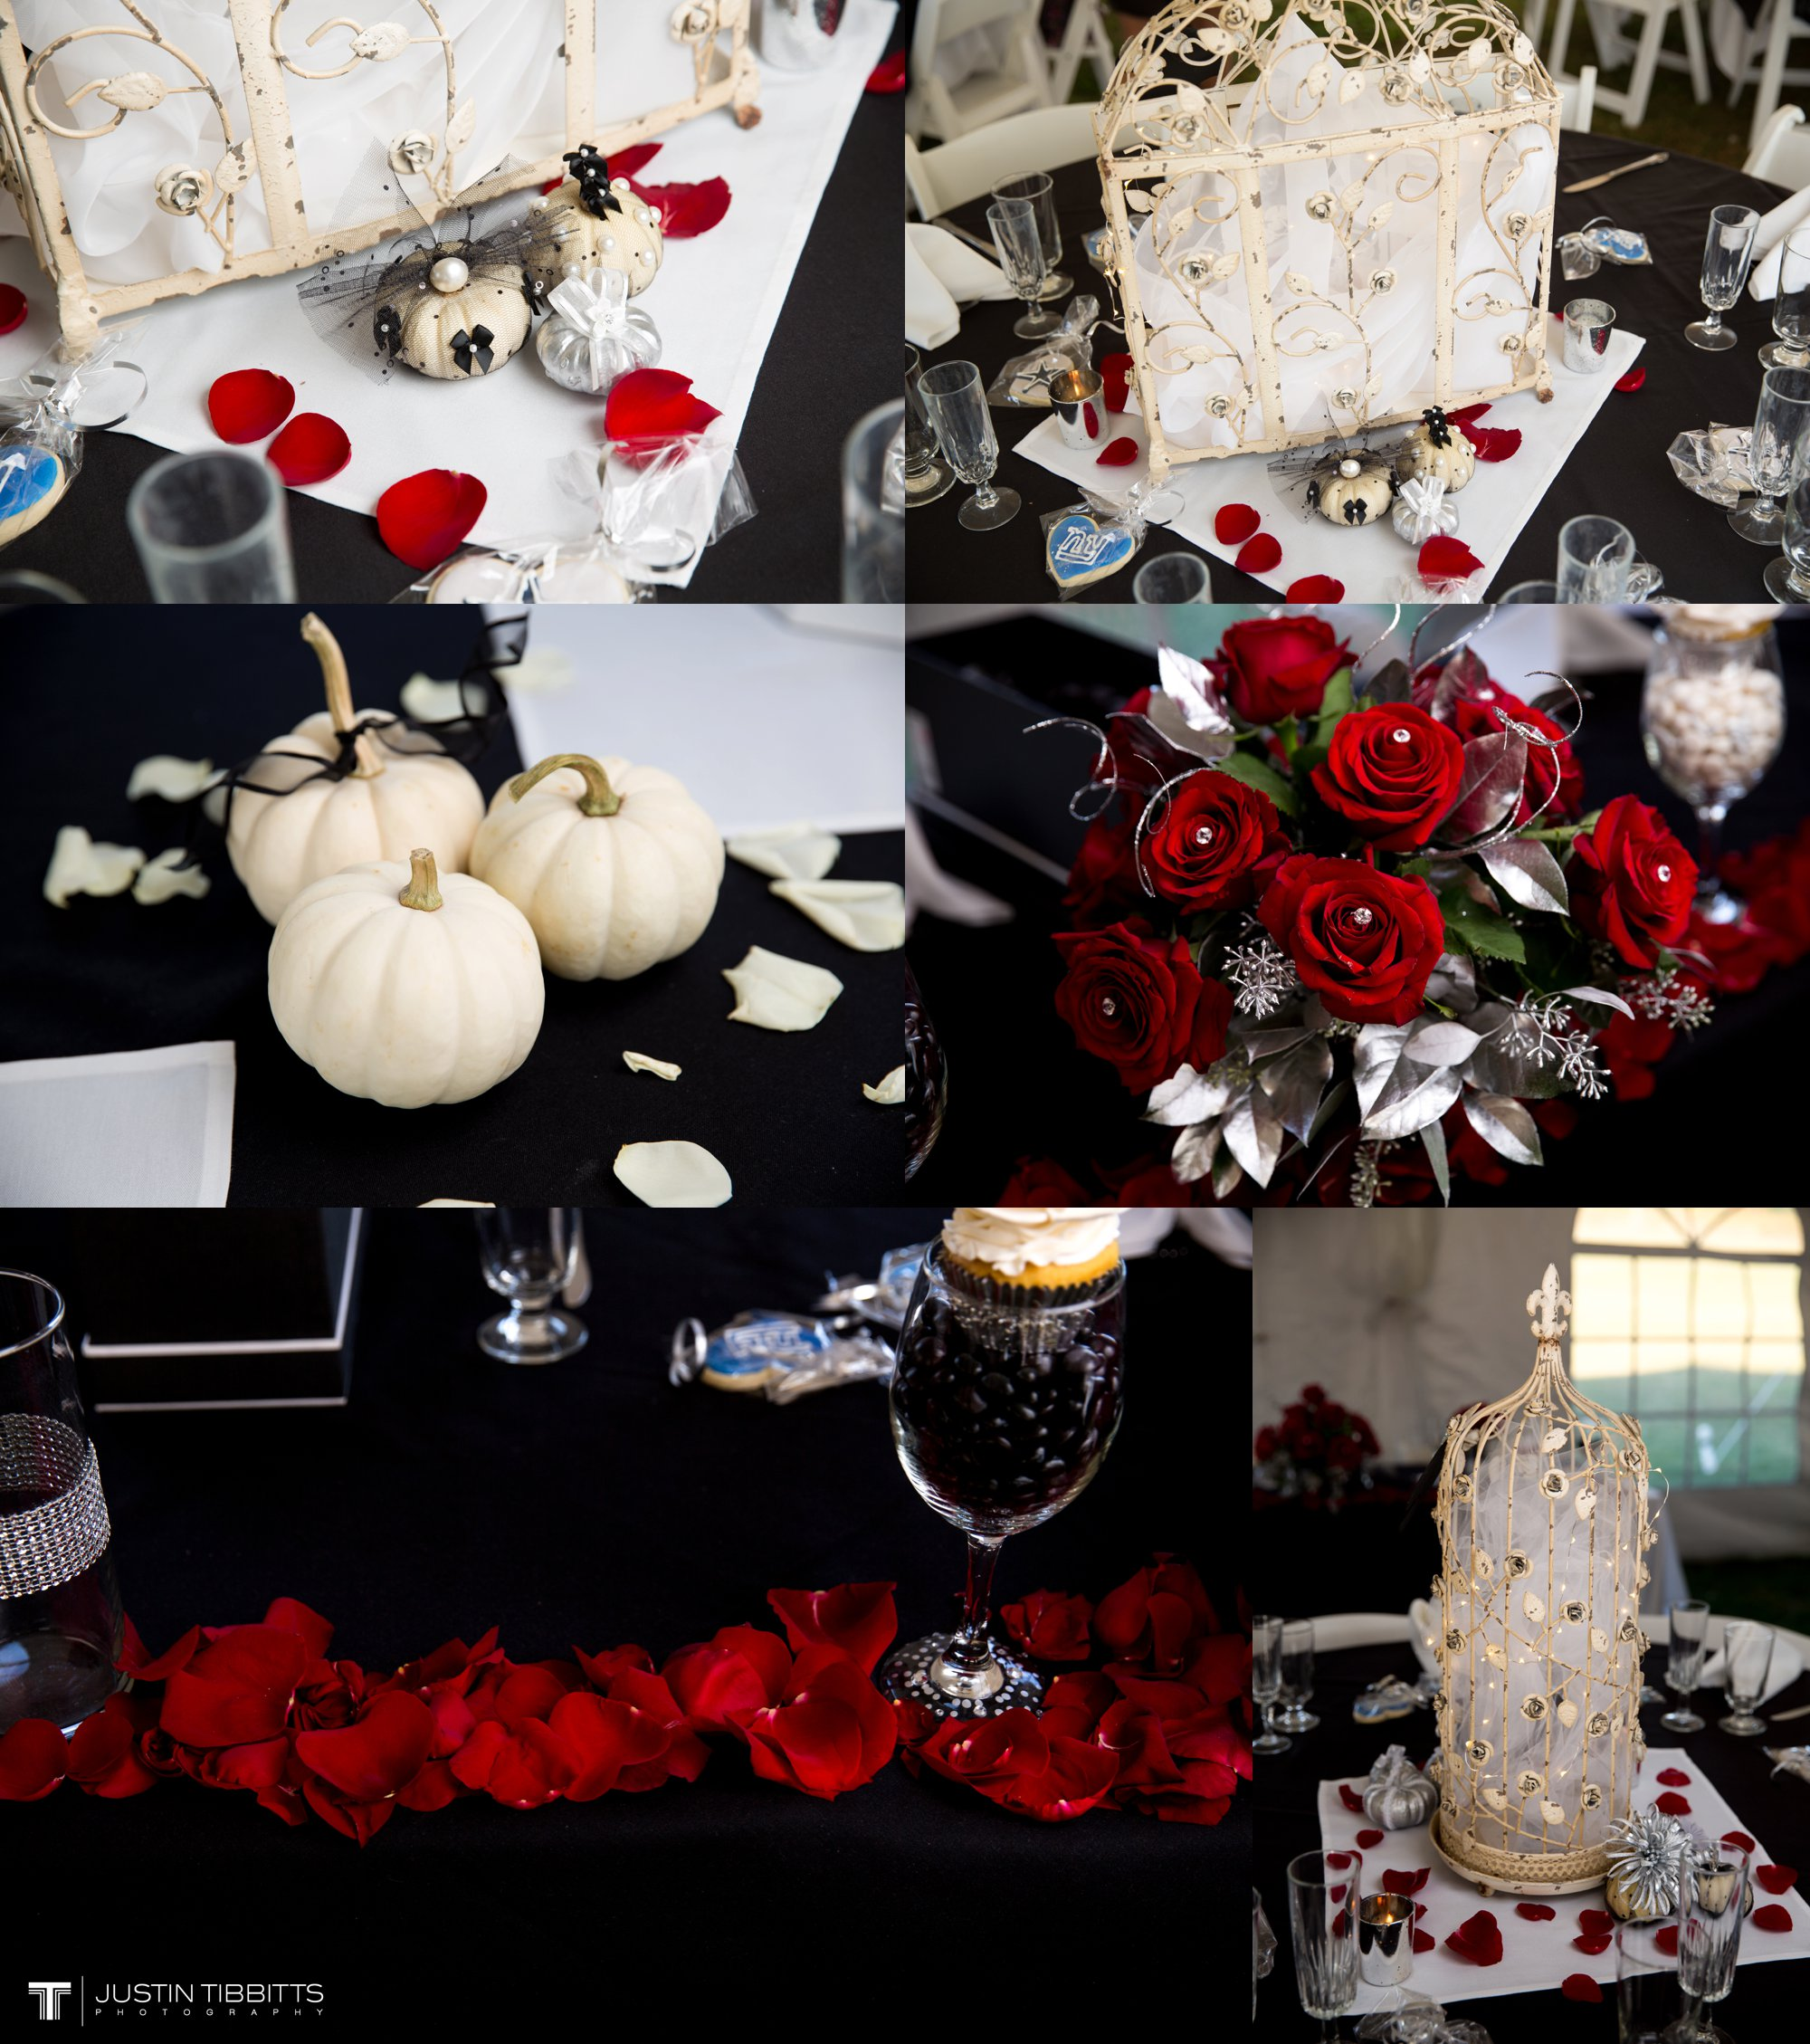 Albany NY Wedding Photographer Justin Tibbitts Photography 2014 Best of Albany NY Weddings-178356412547